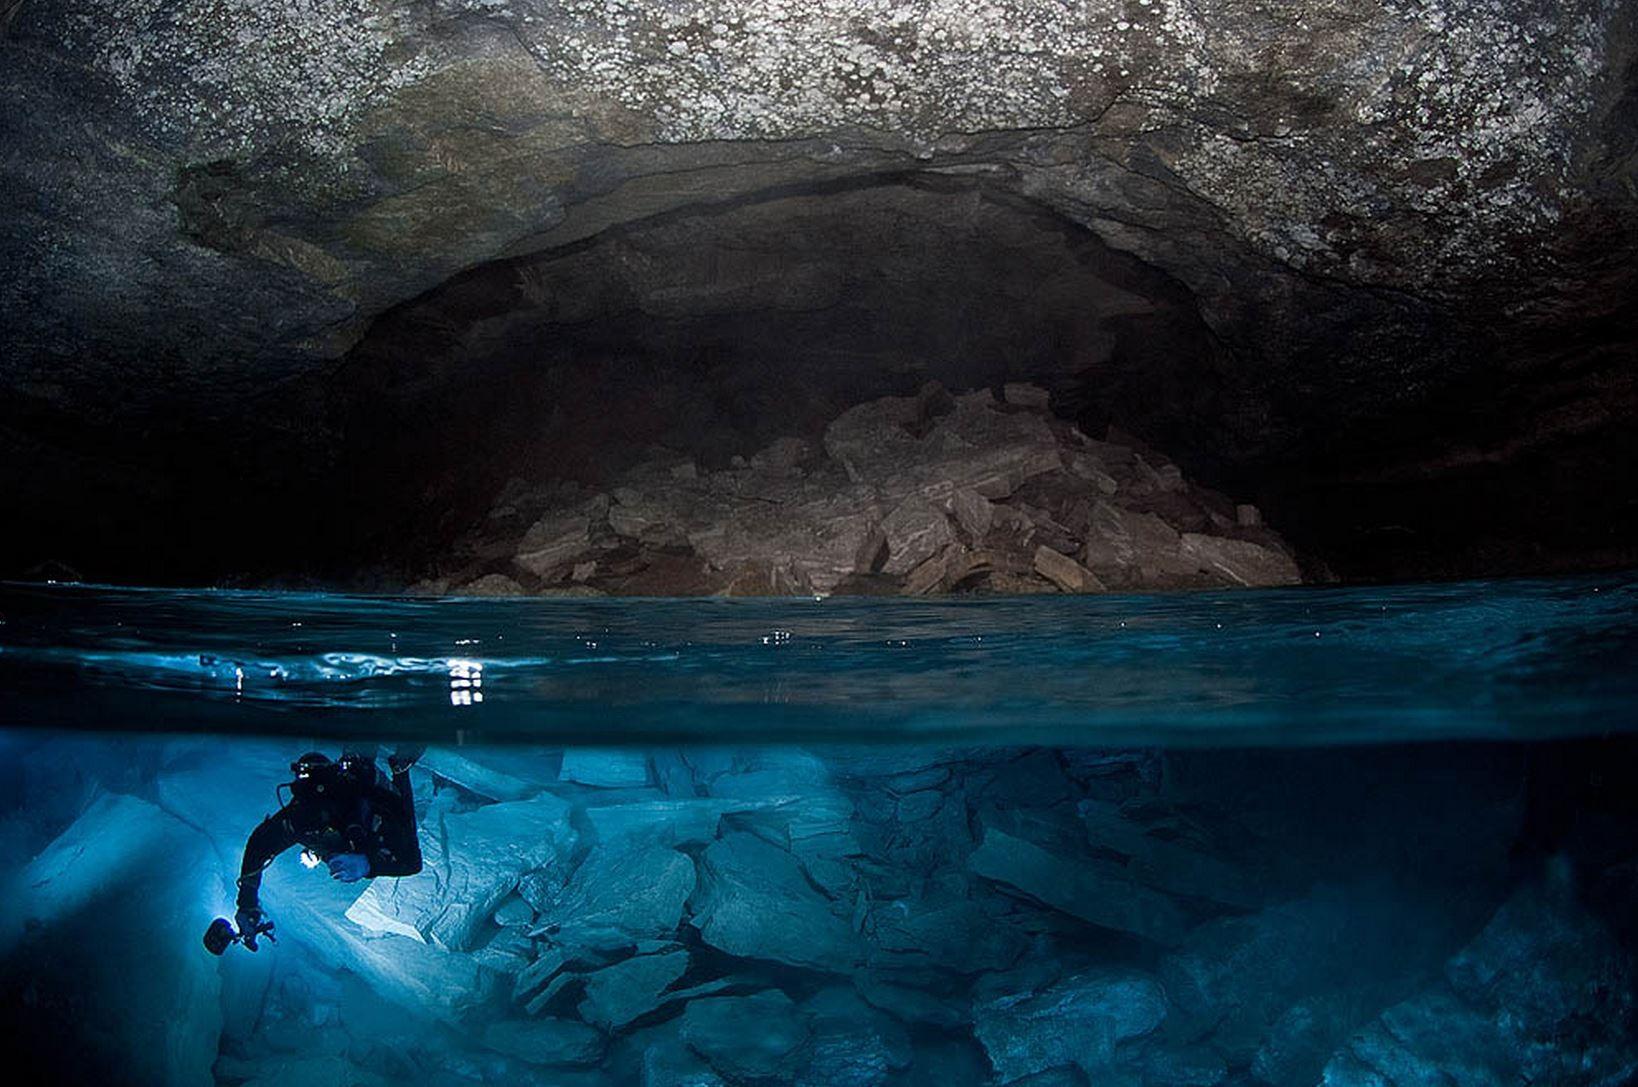 Польские ученые отыскали самую глубокую подводную пещеру